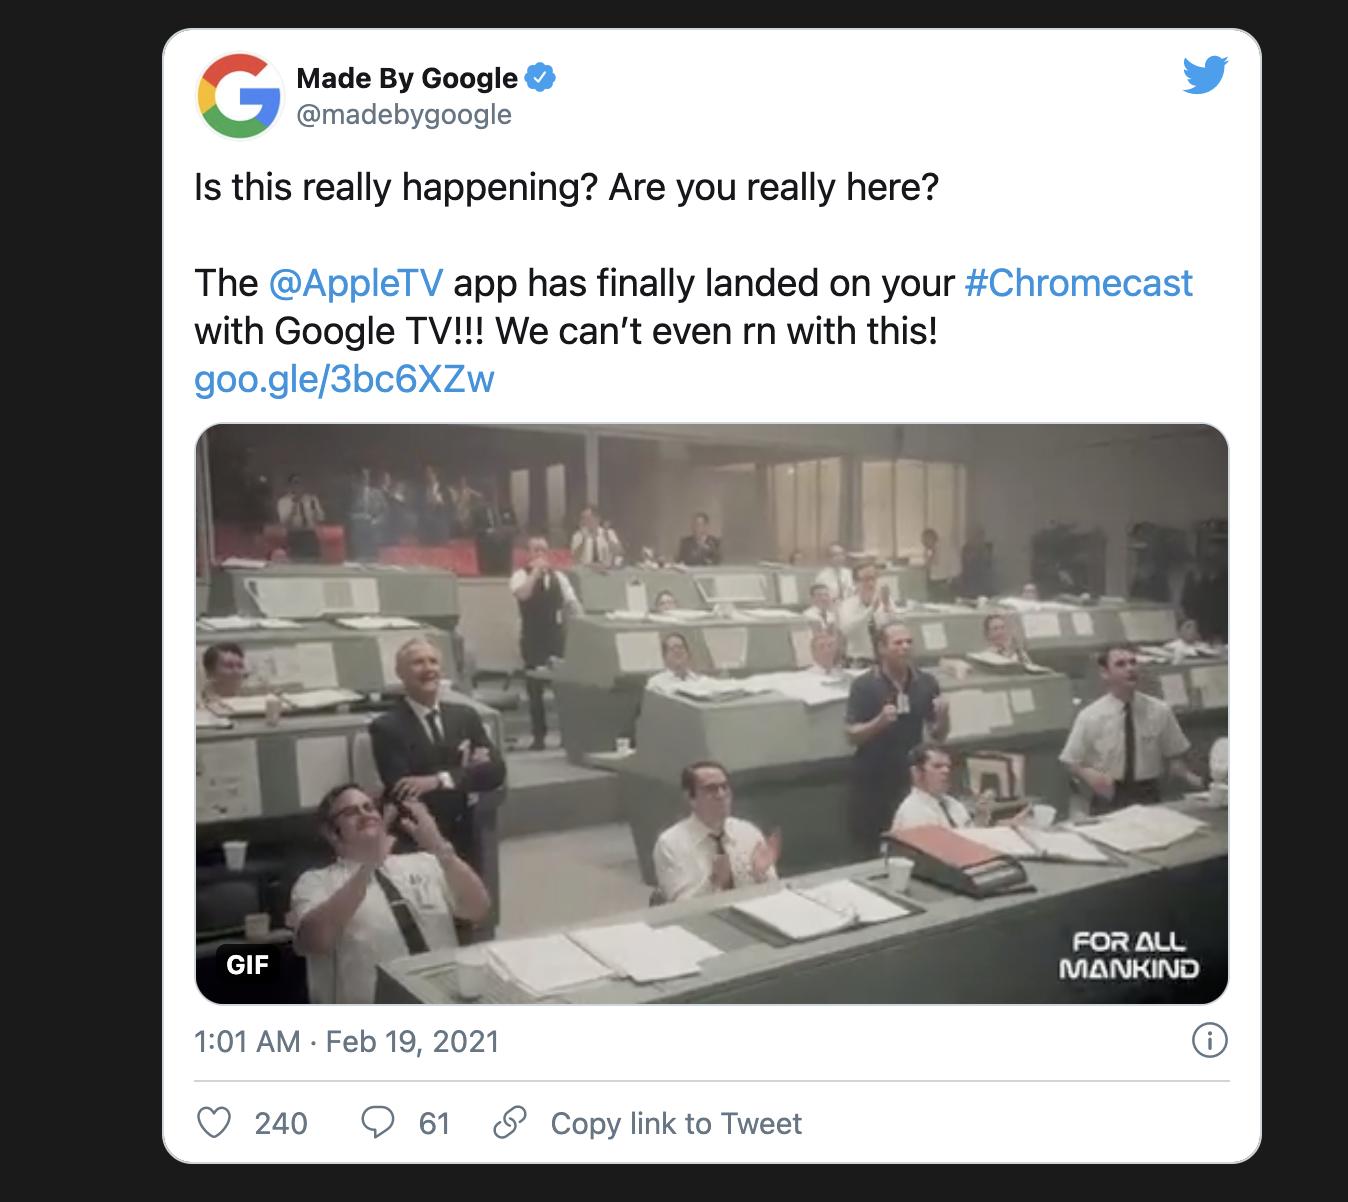 Apple TV 应用正式支持谷歌 Chromecast 电视棒